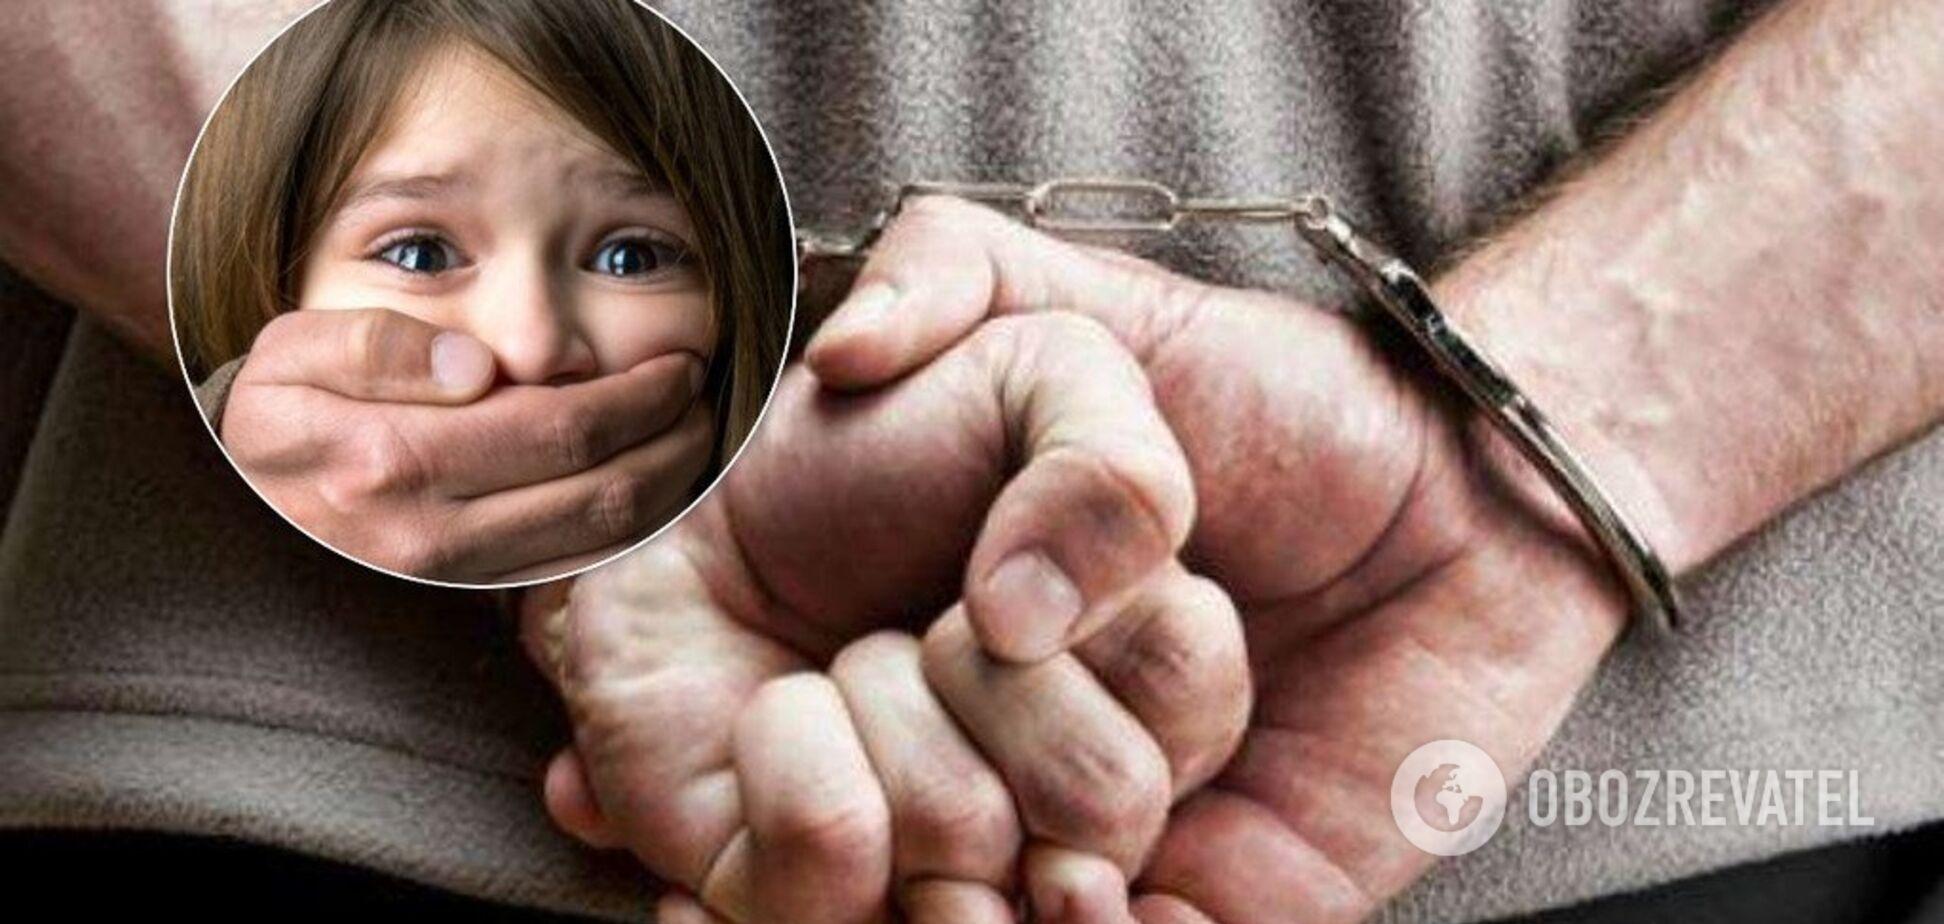 На Полтавщині чоловік зґвалтував 6-річну дівчинку